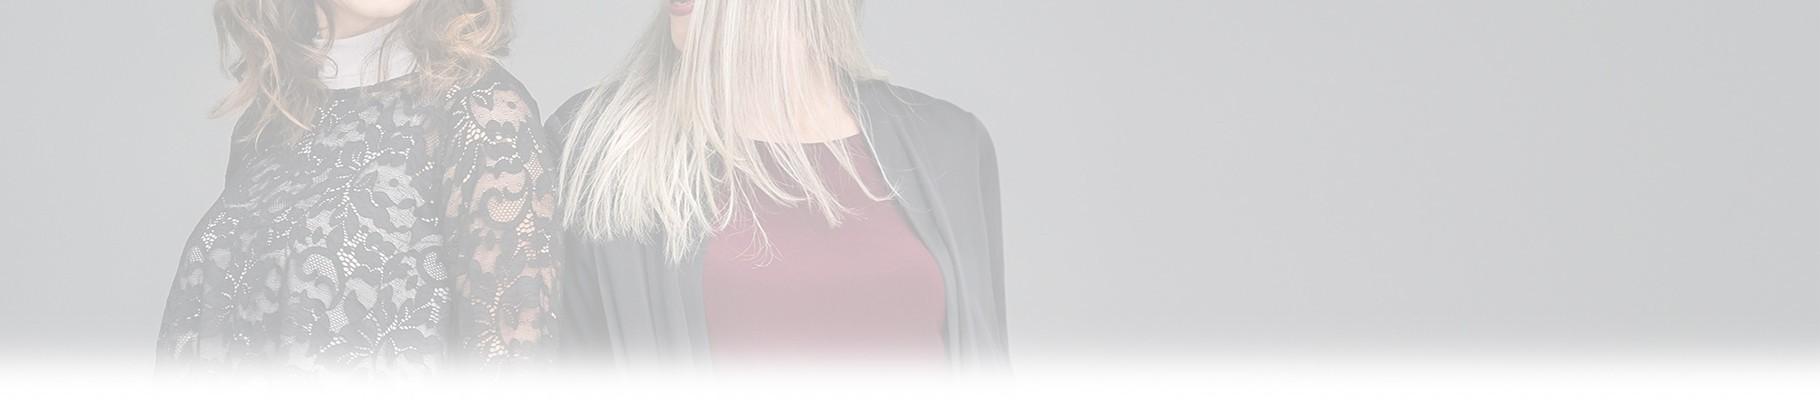 Scopri subito tutte le maglie donna firmate: eleganti, sportive, class